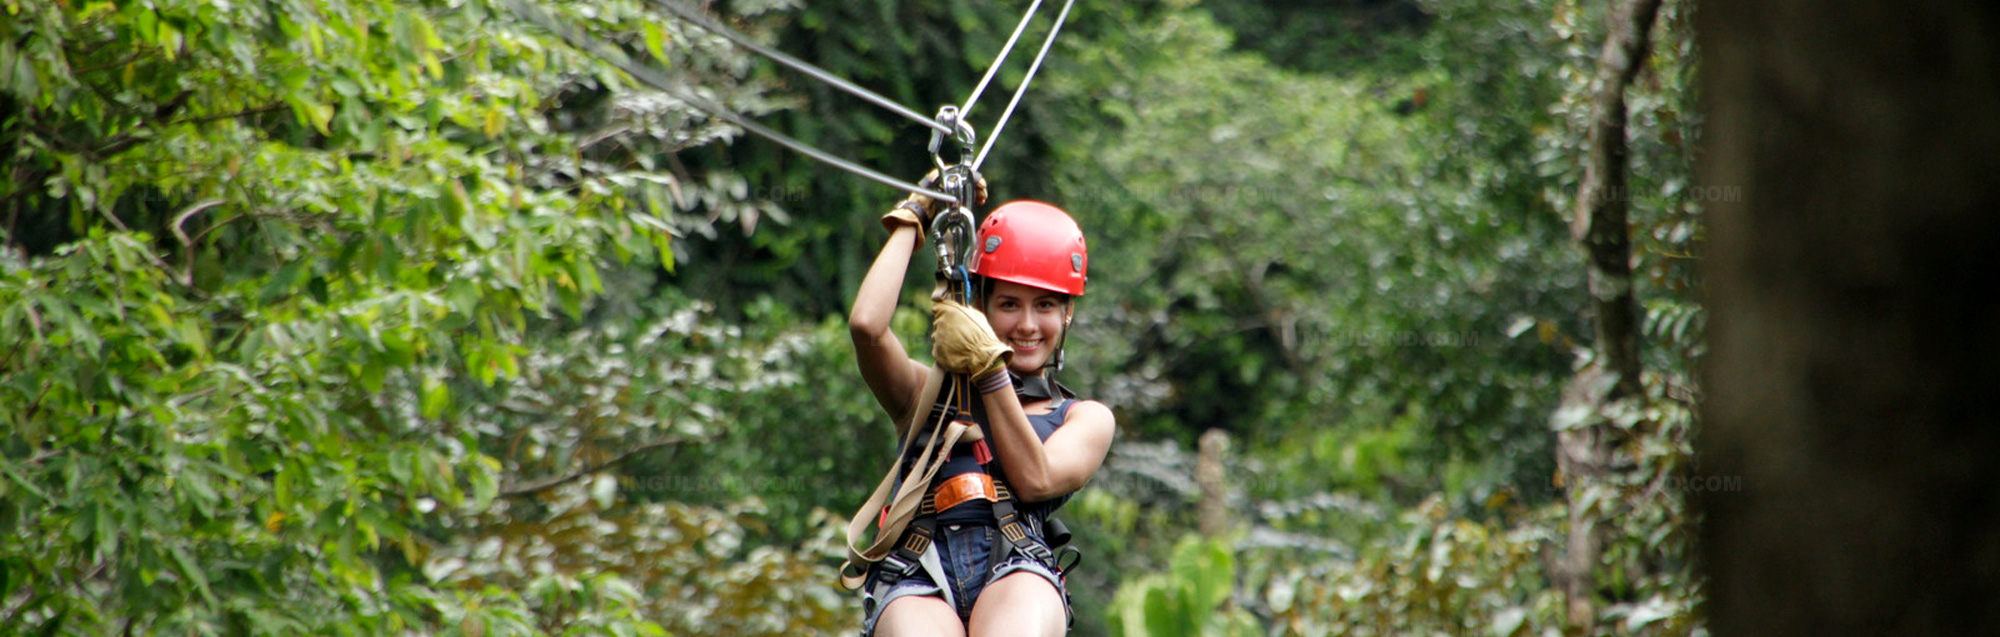 Experiencias y evaluaciones de Habla Ya Bocas del Toro